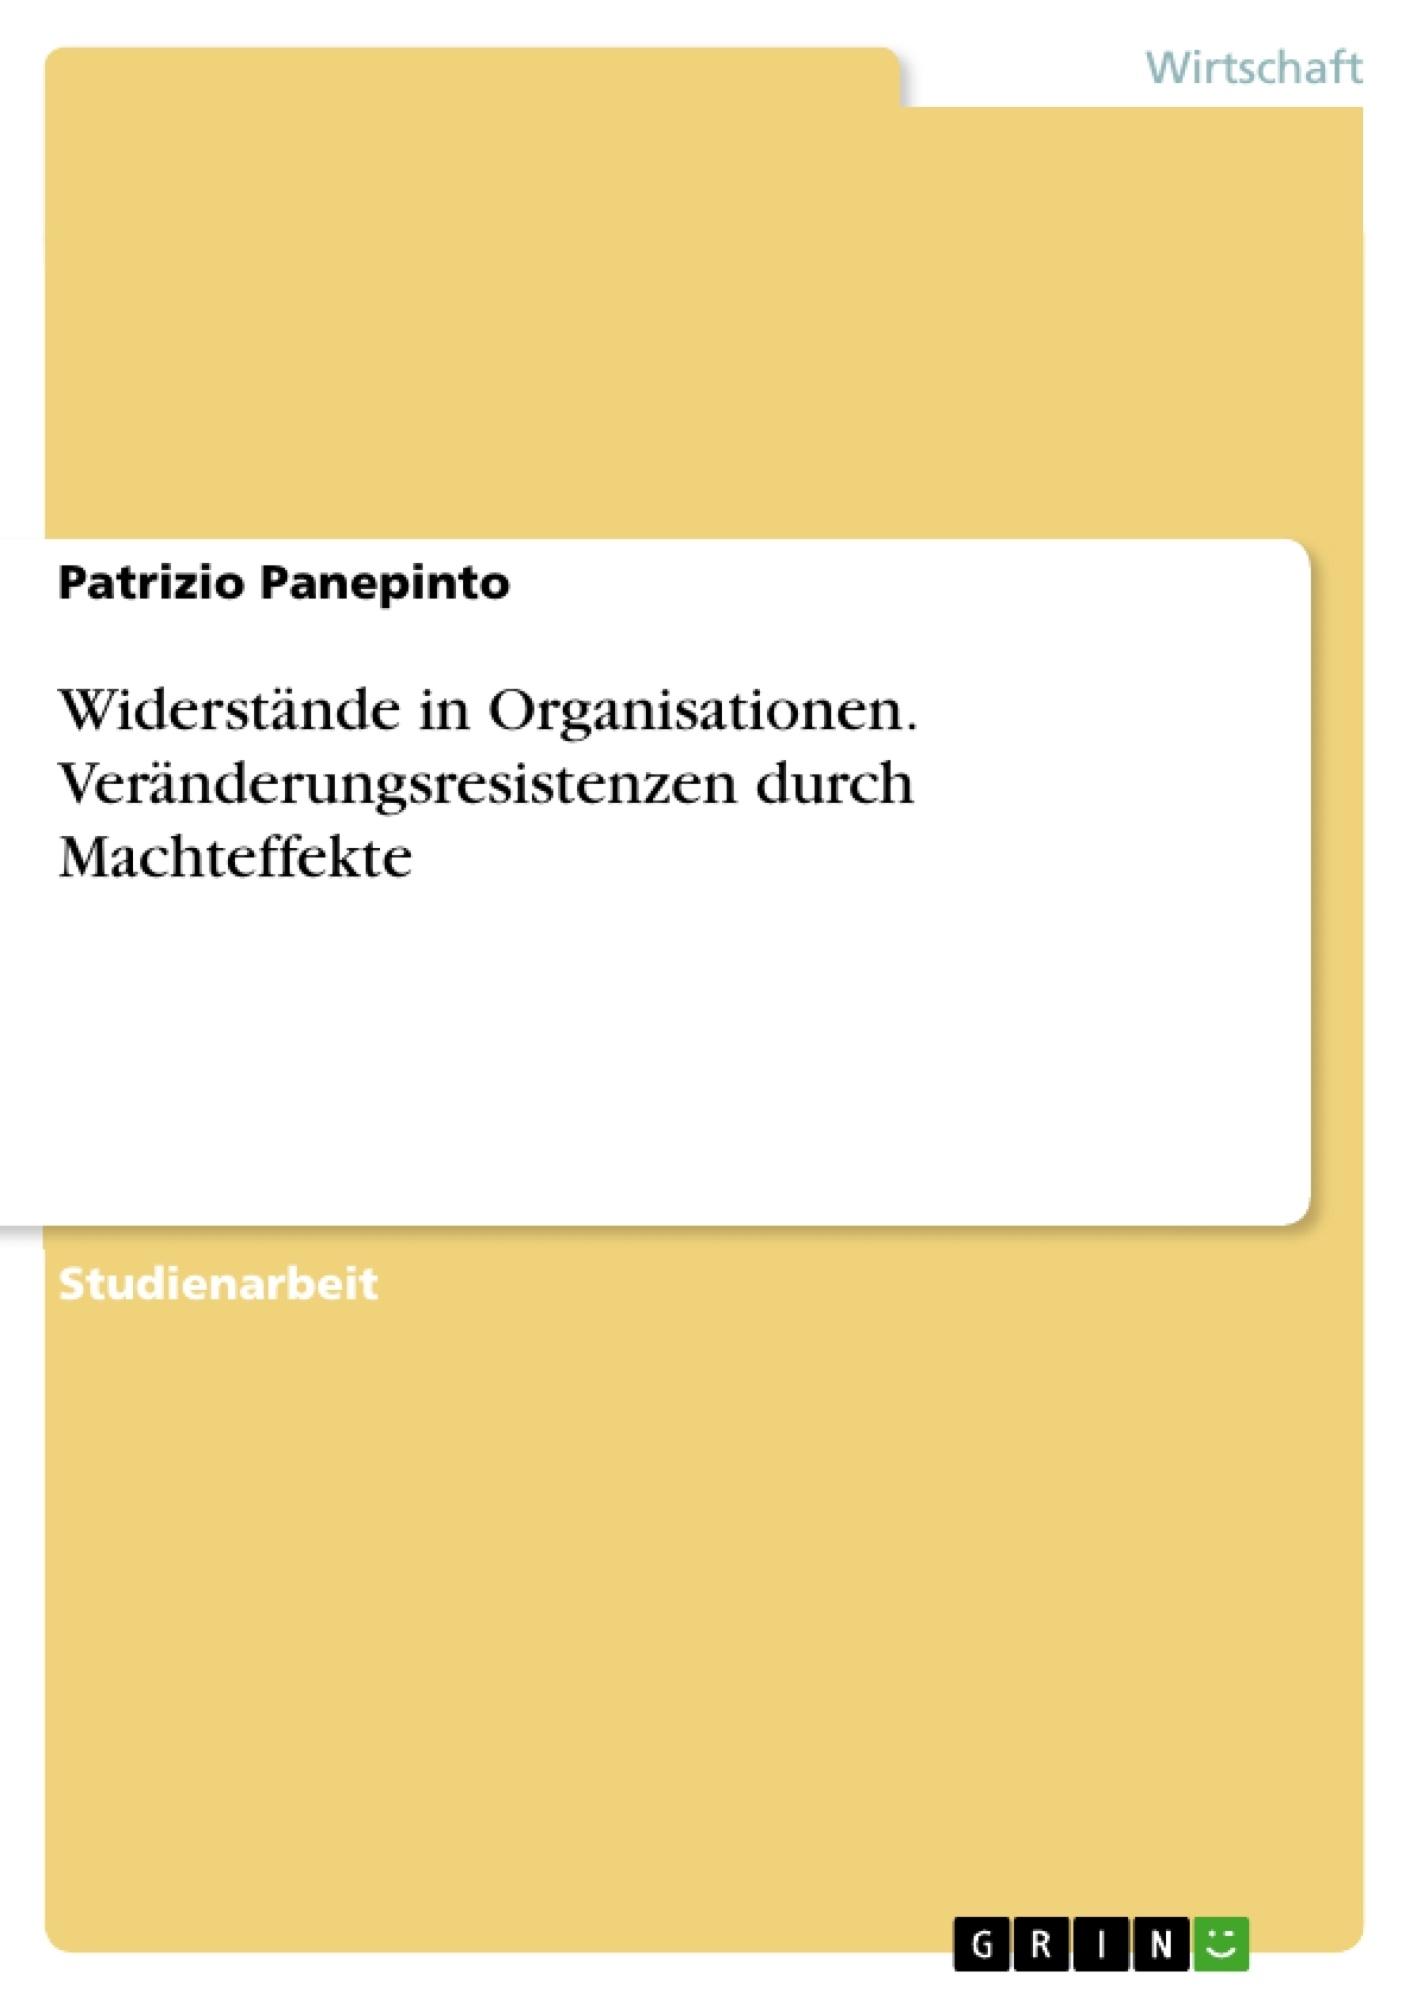 Titel: Widerstände in Organisationen. Veränderungsresistenzen durch Machteffekte